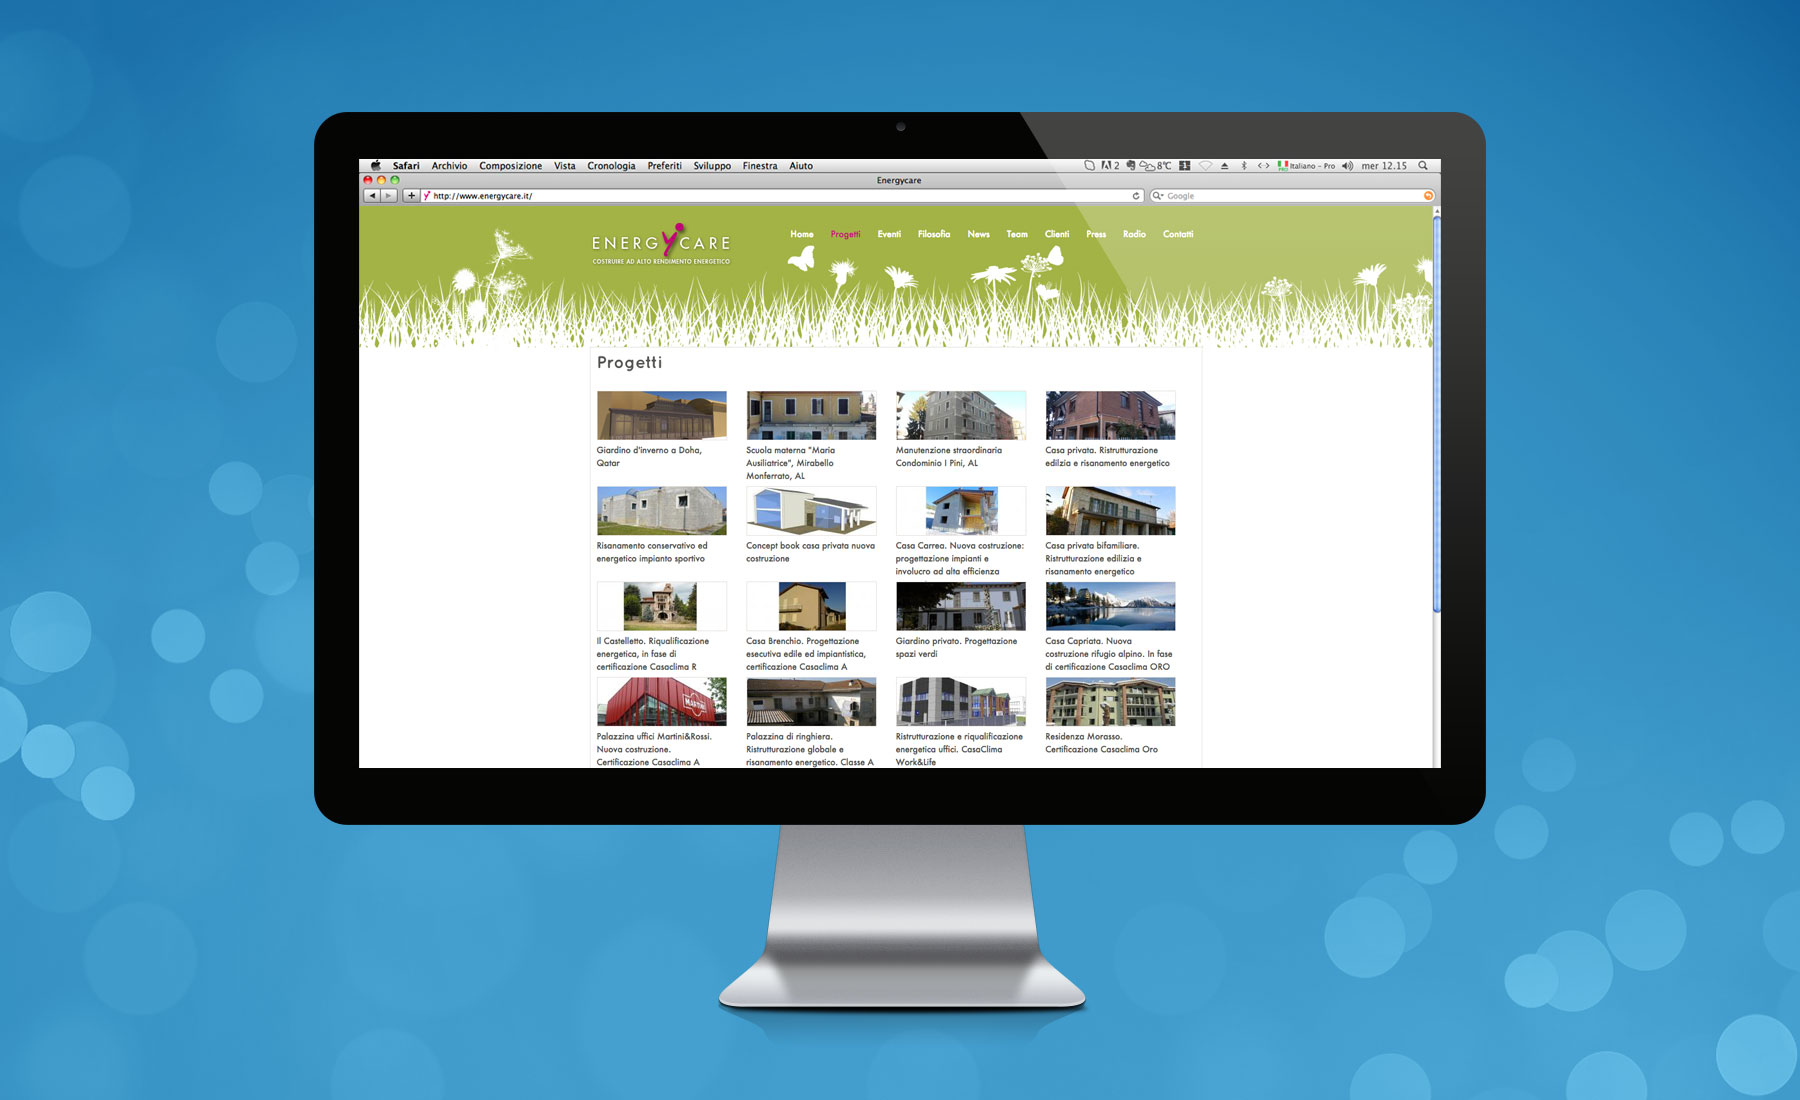 Sito Web Energycare